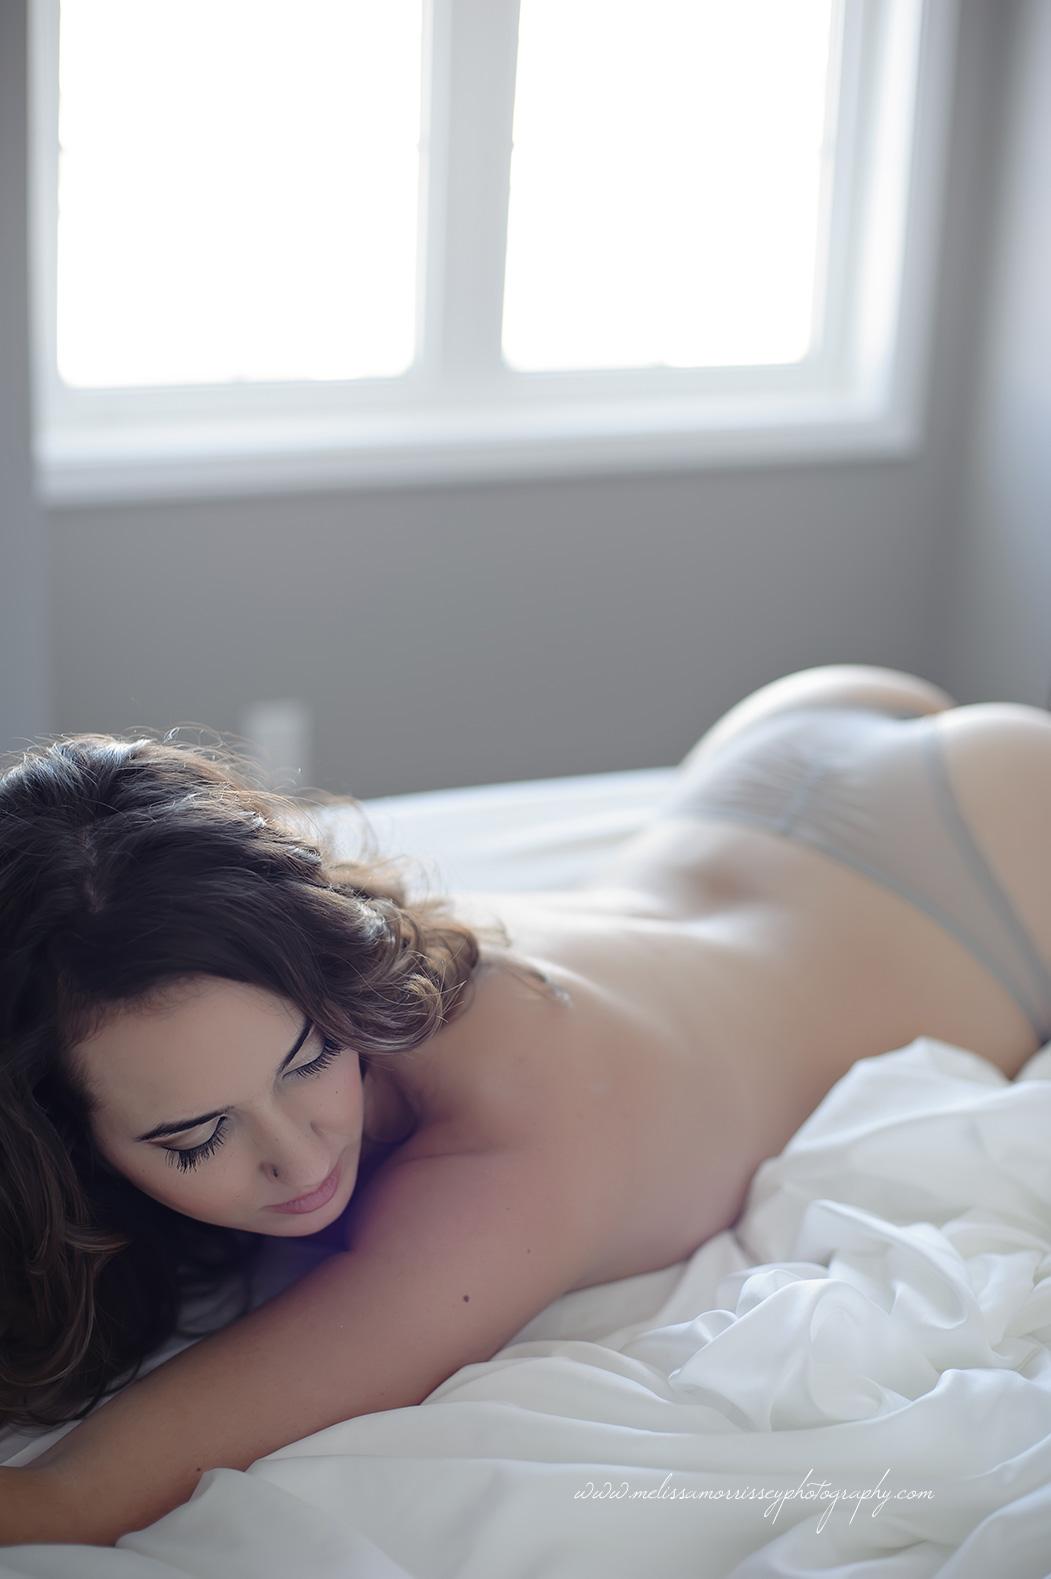 https://www.melissamorrisseyphotography.com/wp-content/uploads/2014/01/Ottawa-Boudoir-Glamour-Photographer-Melissa-Morrissey-27.jpg